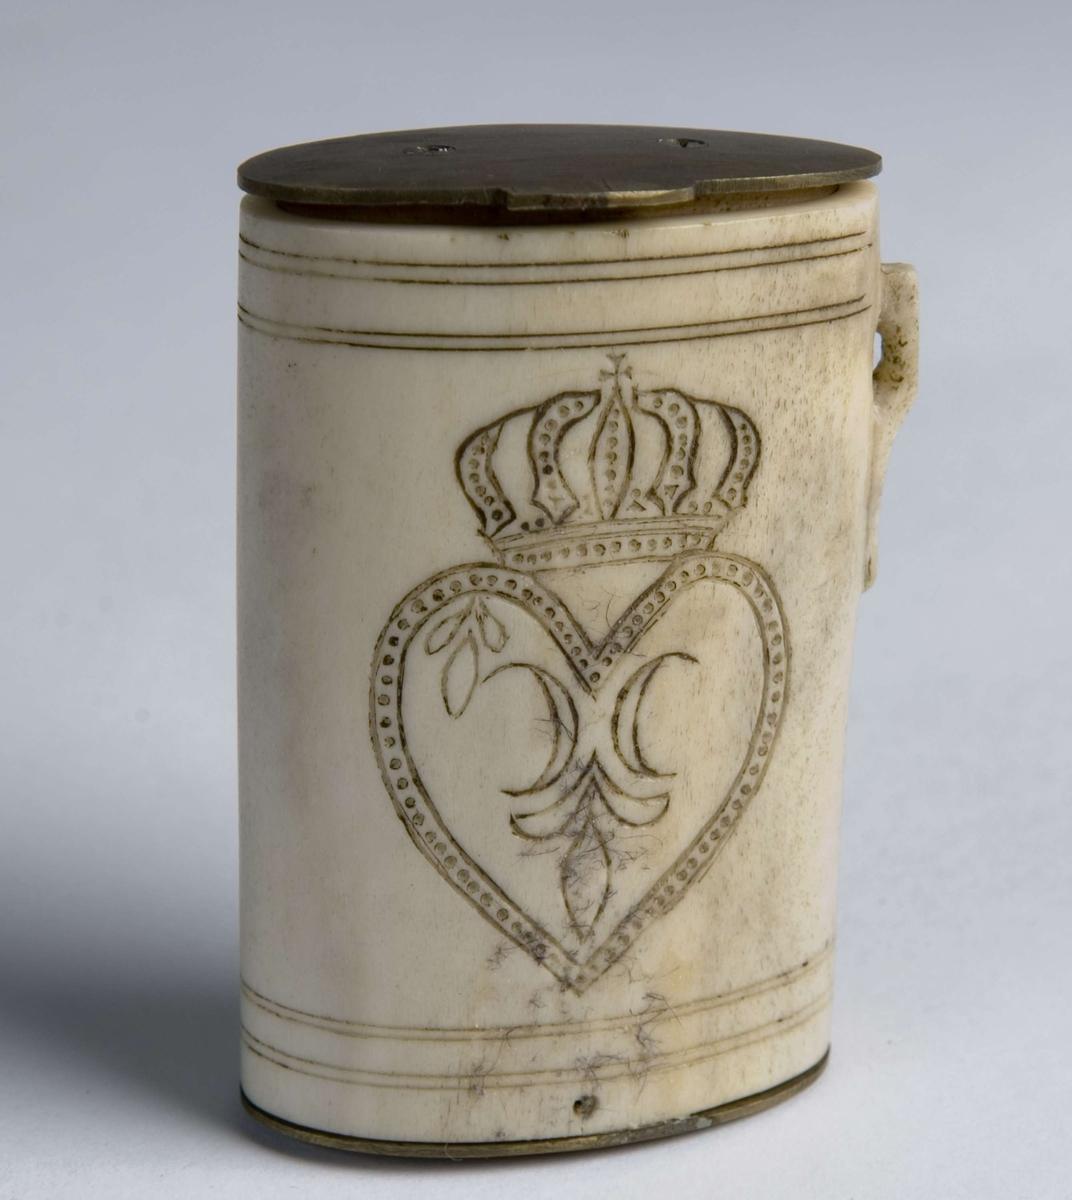 Oval sylindrisk beholder med lokk og bunn av metall. lokket er hengslet til baksiden. Huset har en liten hank for oppheng i bånd/tråd. Gravert monogran med kronet hjerte, reinsdyr.